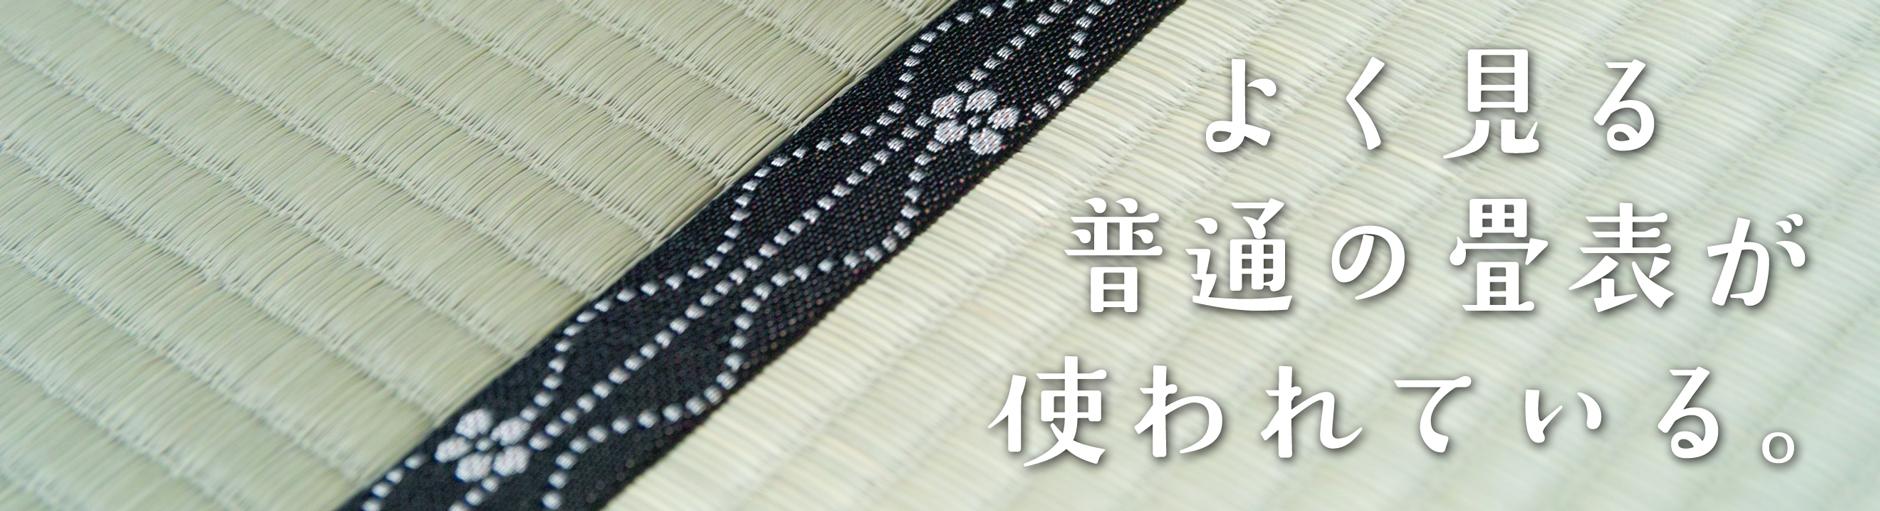 よく見る普通の畳表が使われている。